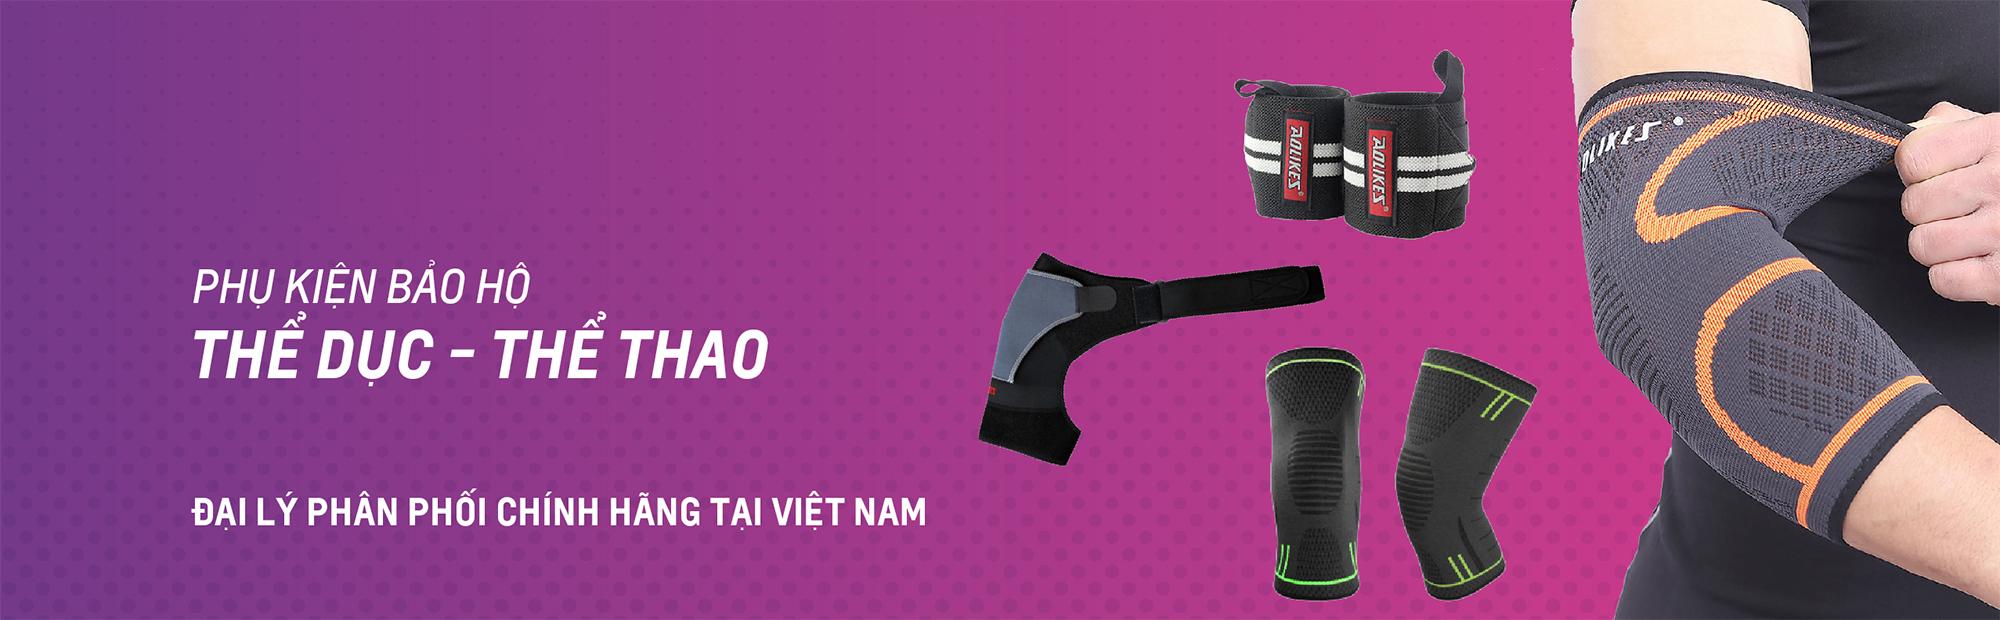 Bộ đôi găng tay thể thao chất liệu cao cấp Aolikes AL1679